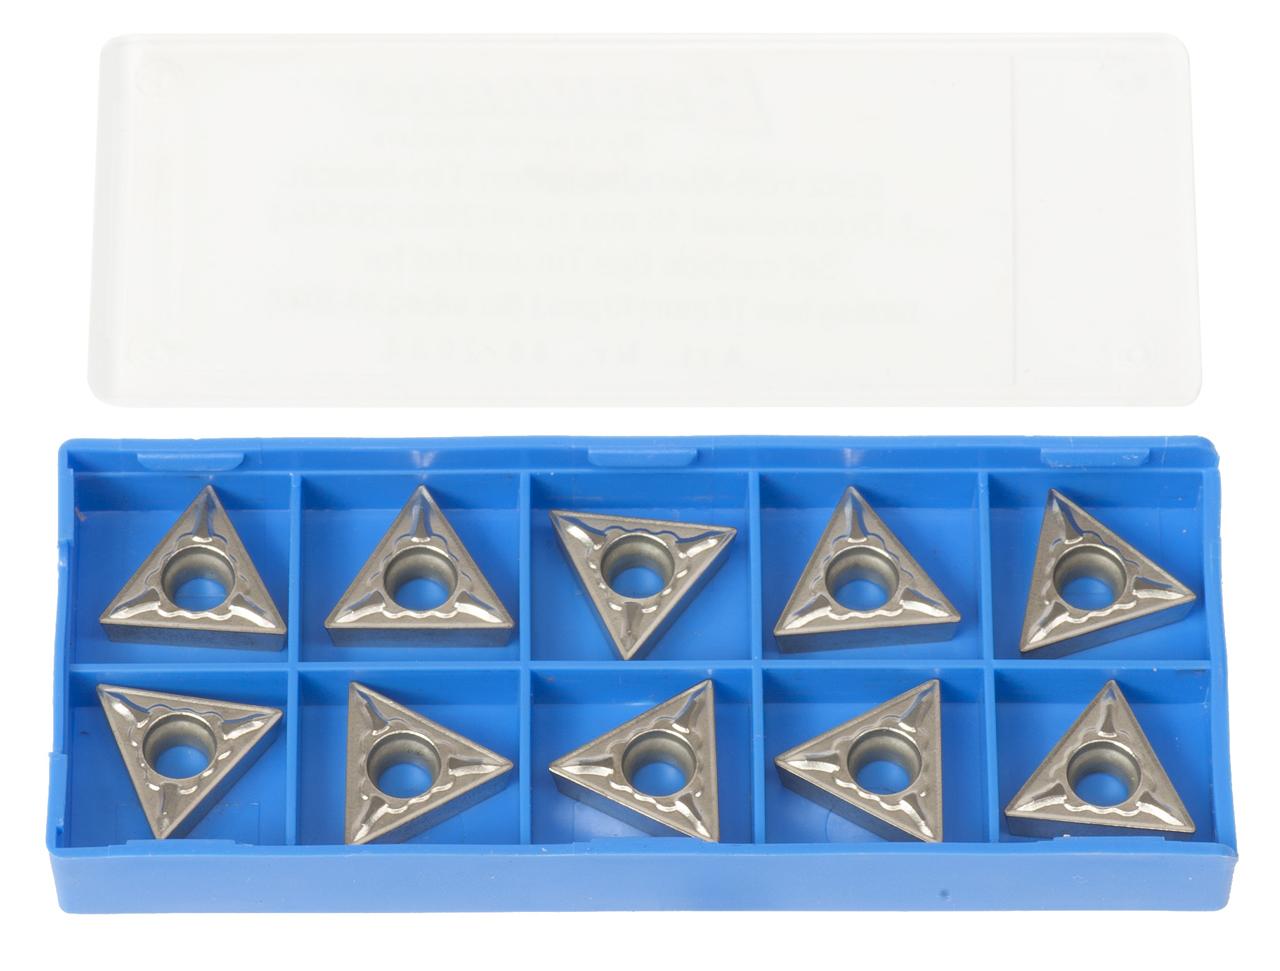 Zestaw płytek węglikowych HM - płytki (10 szt.) pasujących do noży tokarskich 16 mm BERNARDO